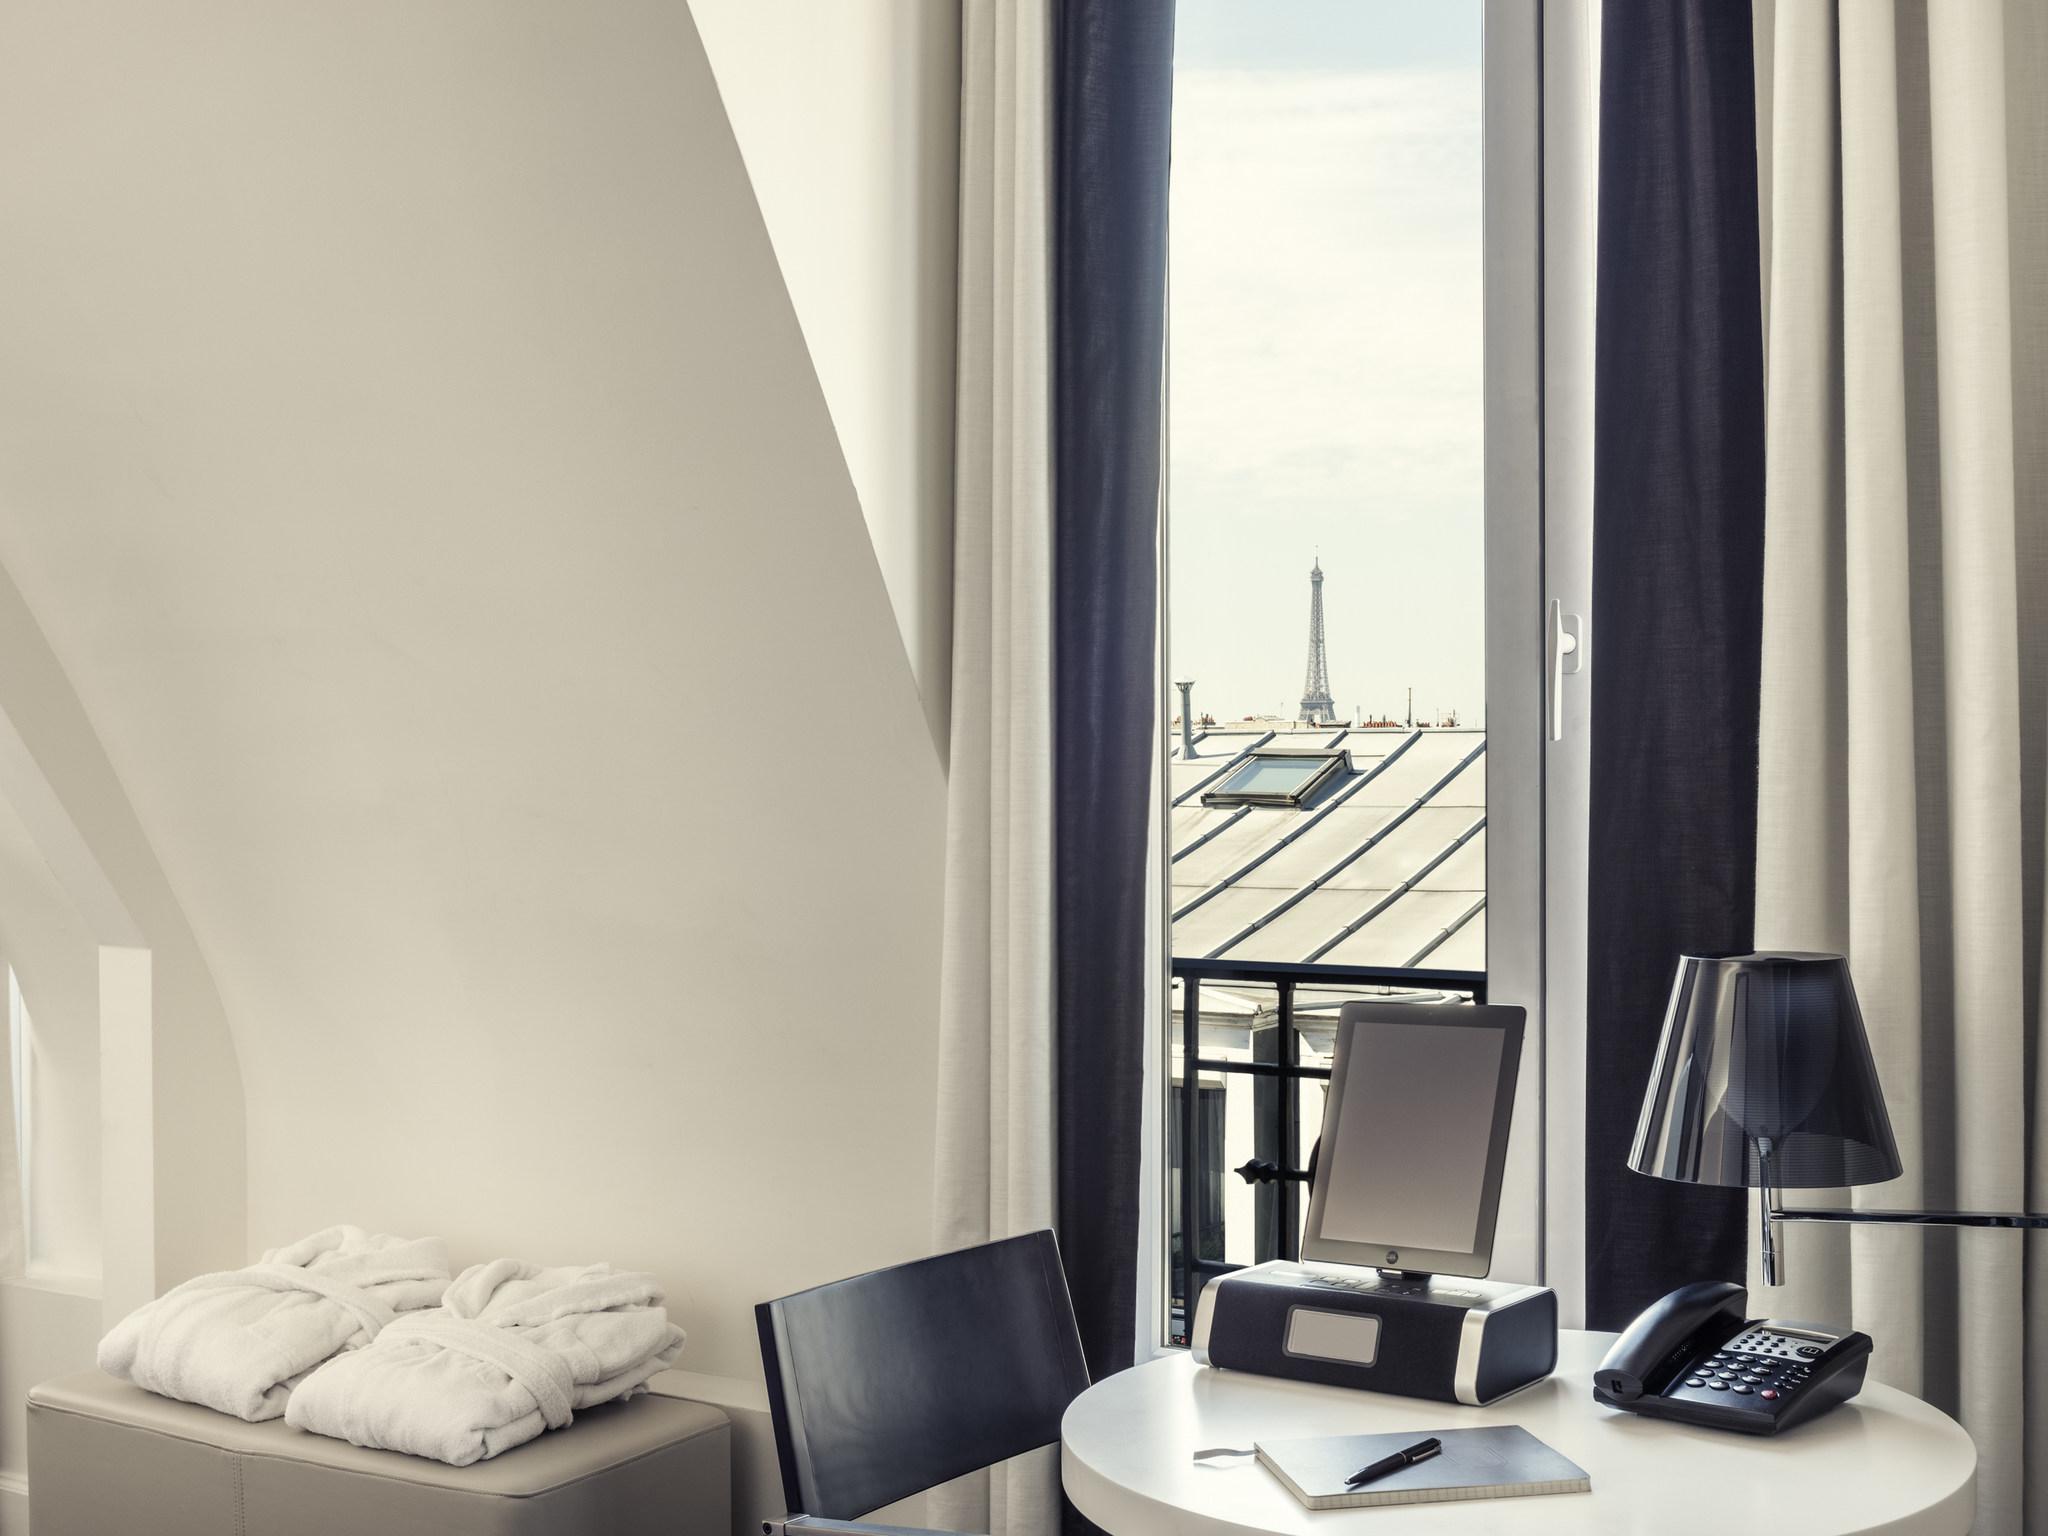 โรงแรม – โรงแรมเมอร์เคียว ปารีส แซงต์ ลาซาร์ มงโซ